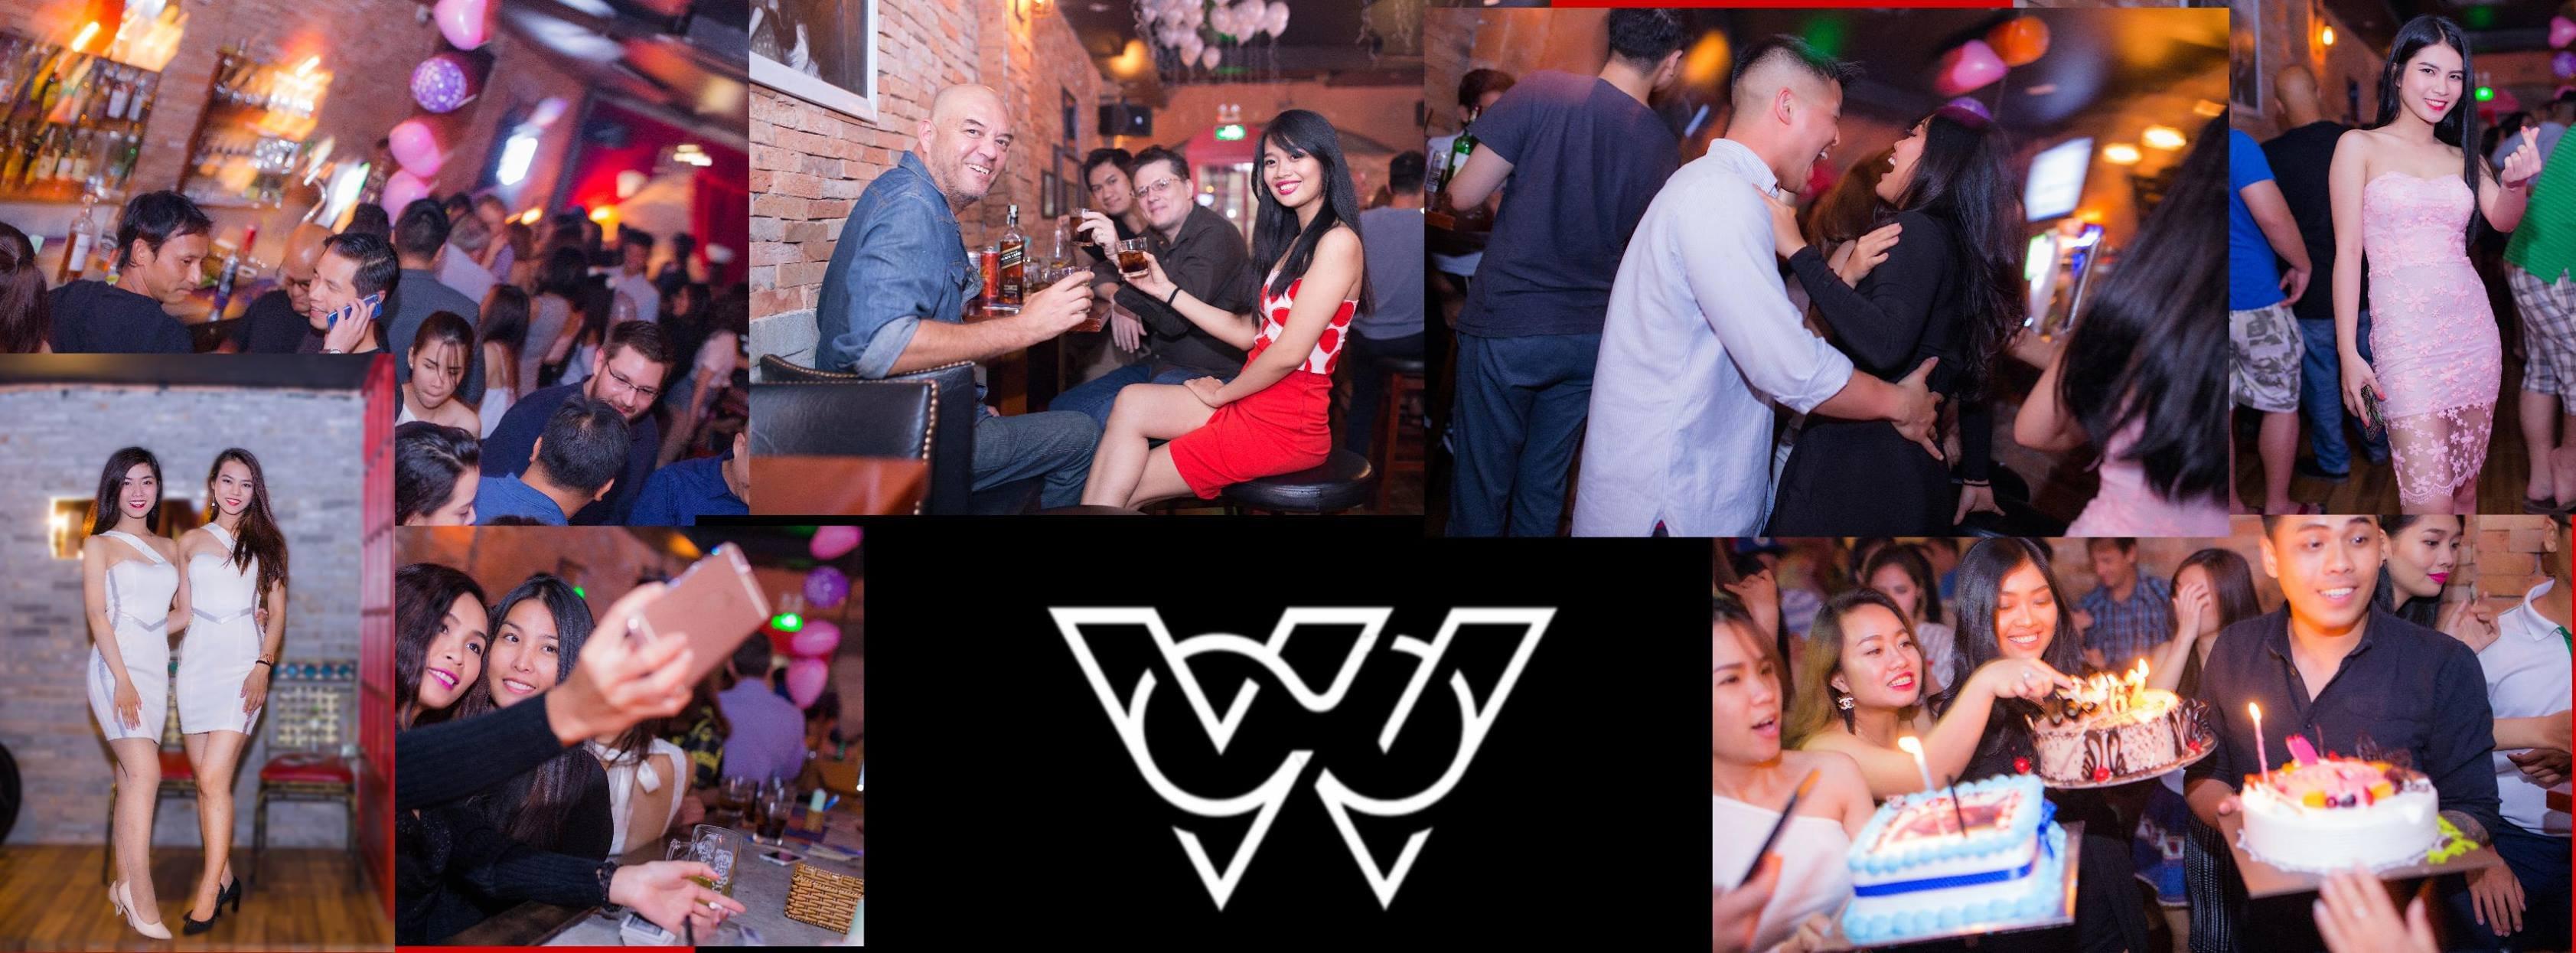 Woo Social Bar